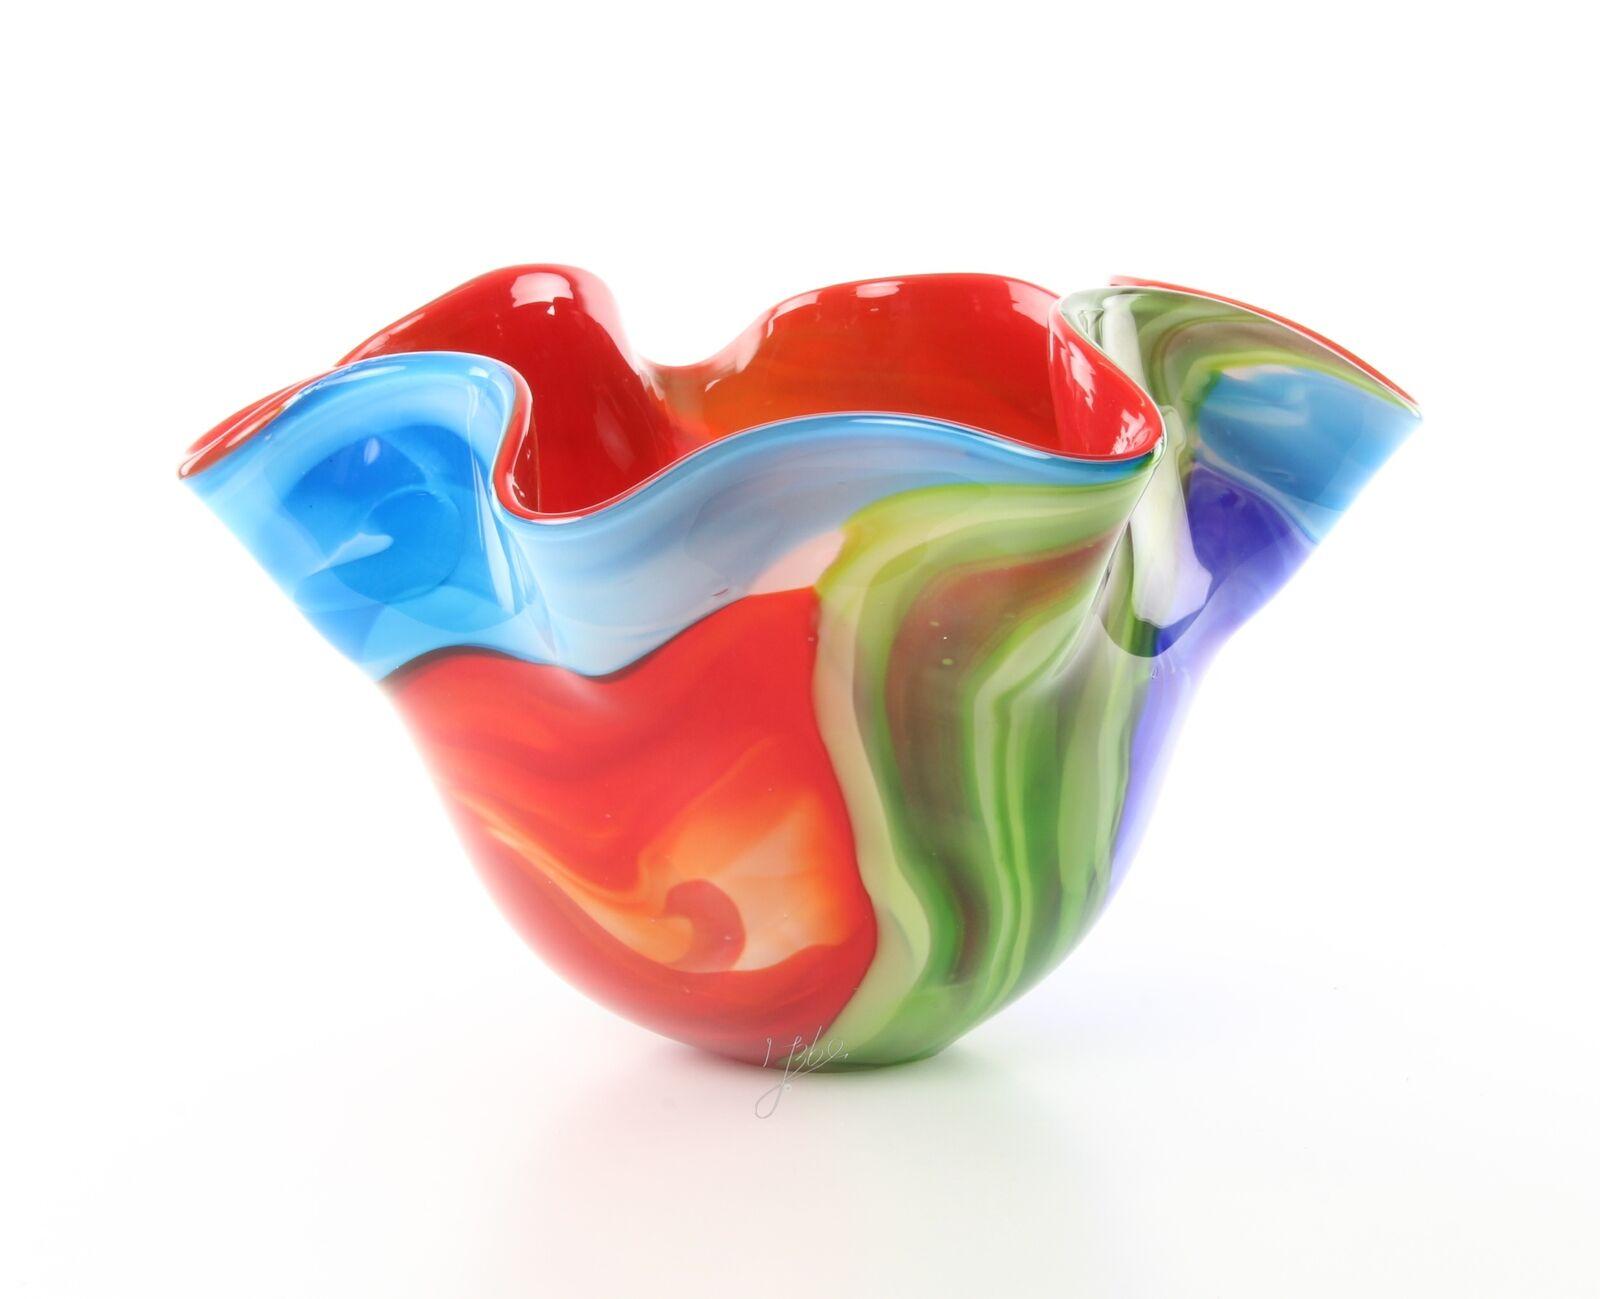 Murano Blaumenvase vase Tischdeko Glasschale 23,5 cm Hoch Bun Echtglas